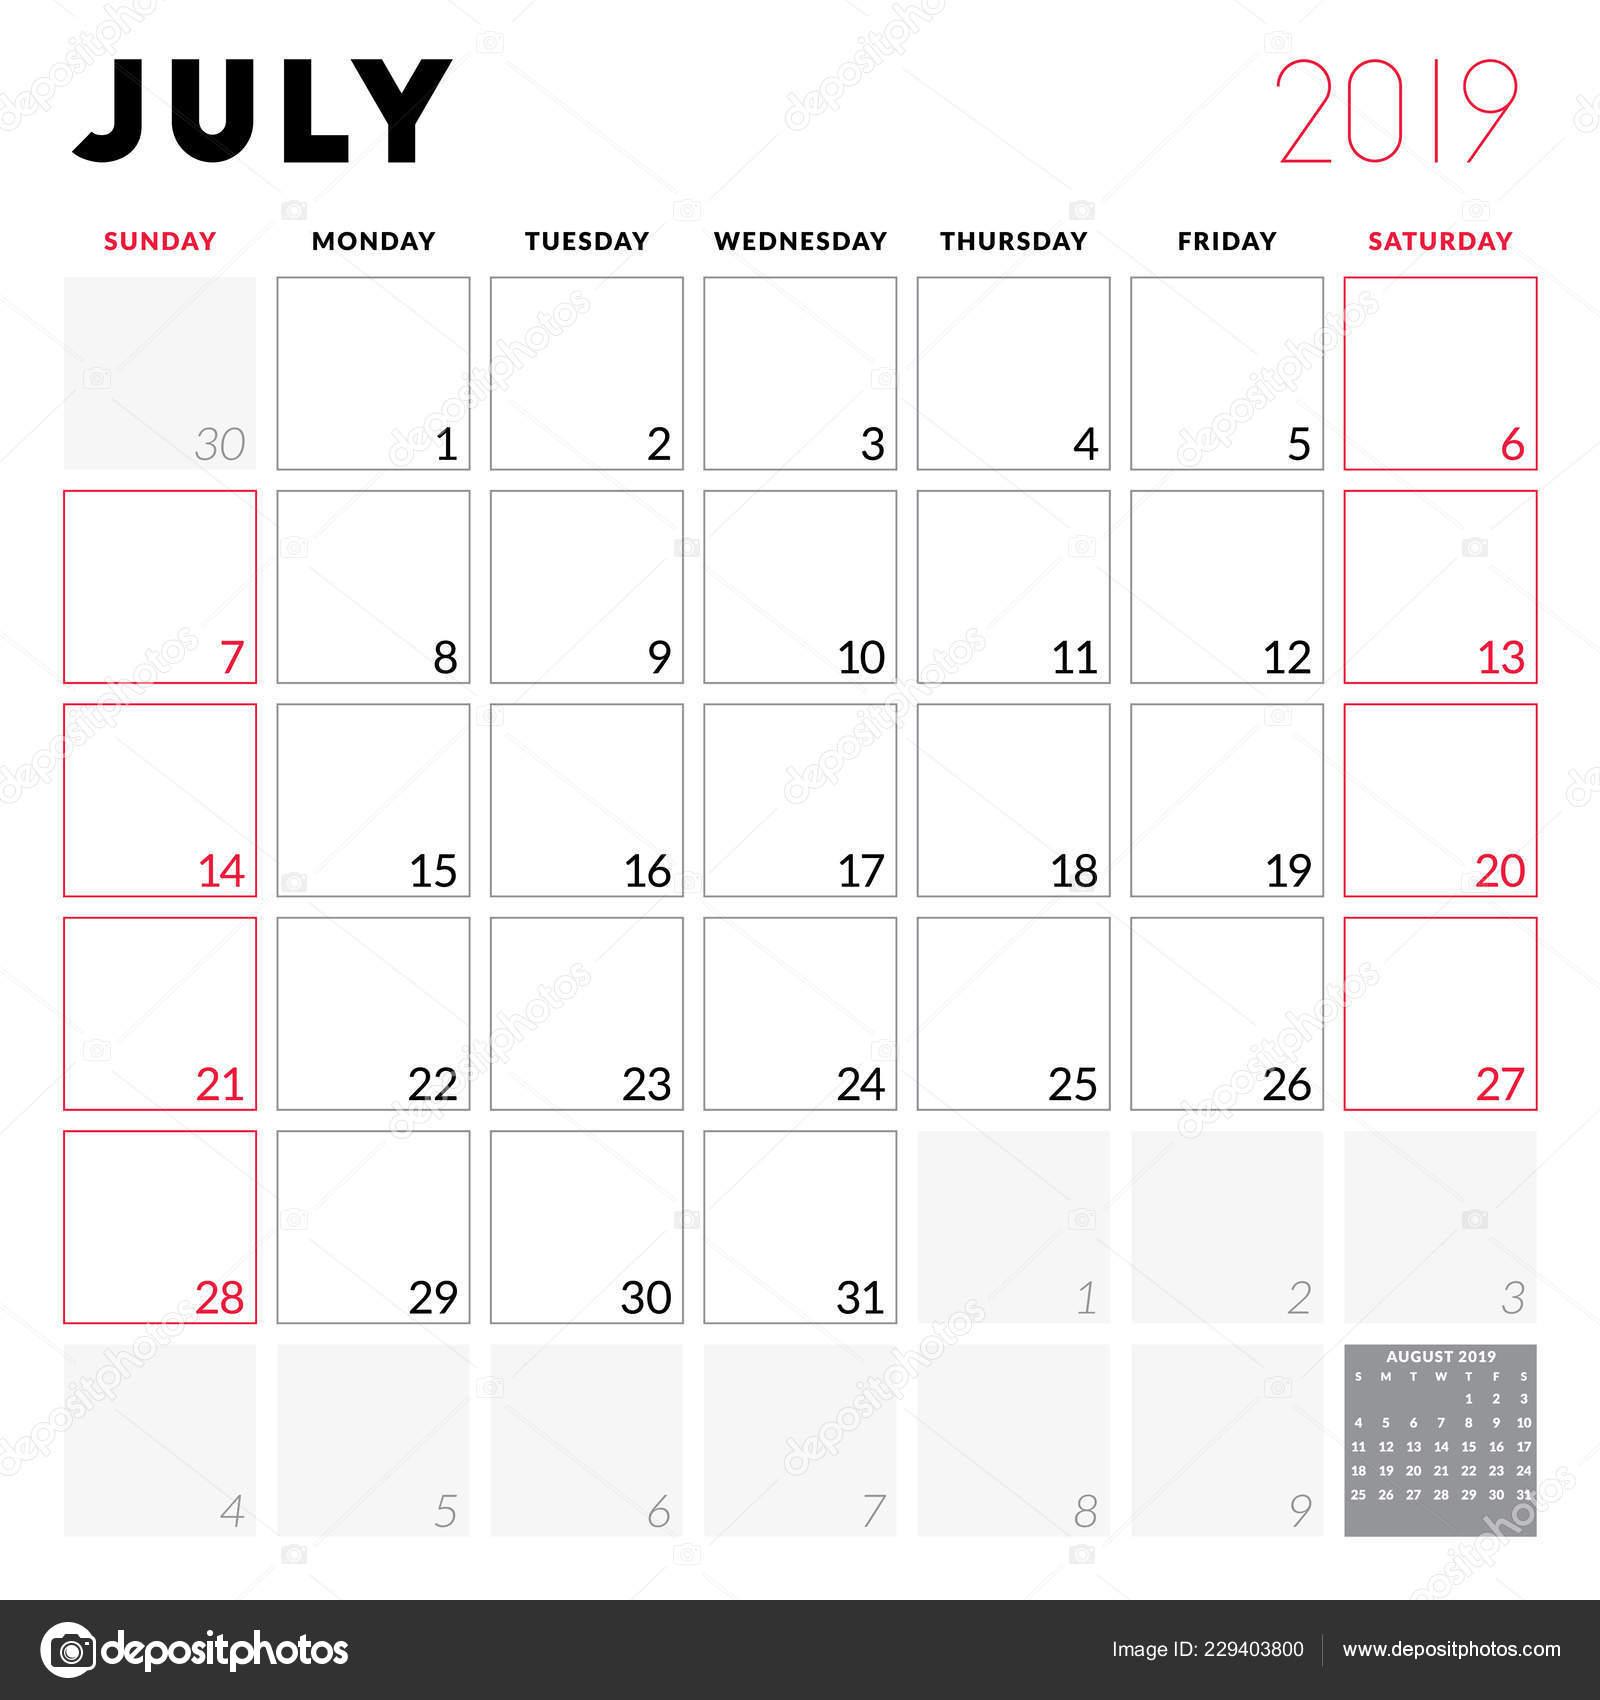 Calendario Julio 2019 Para Imprimir.Planificador Calendario Para Julio 2019 Semana Comienza